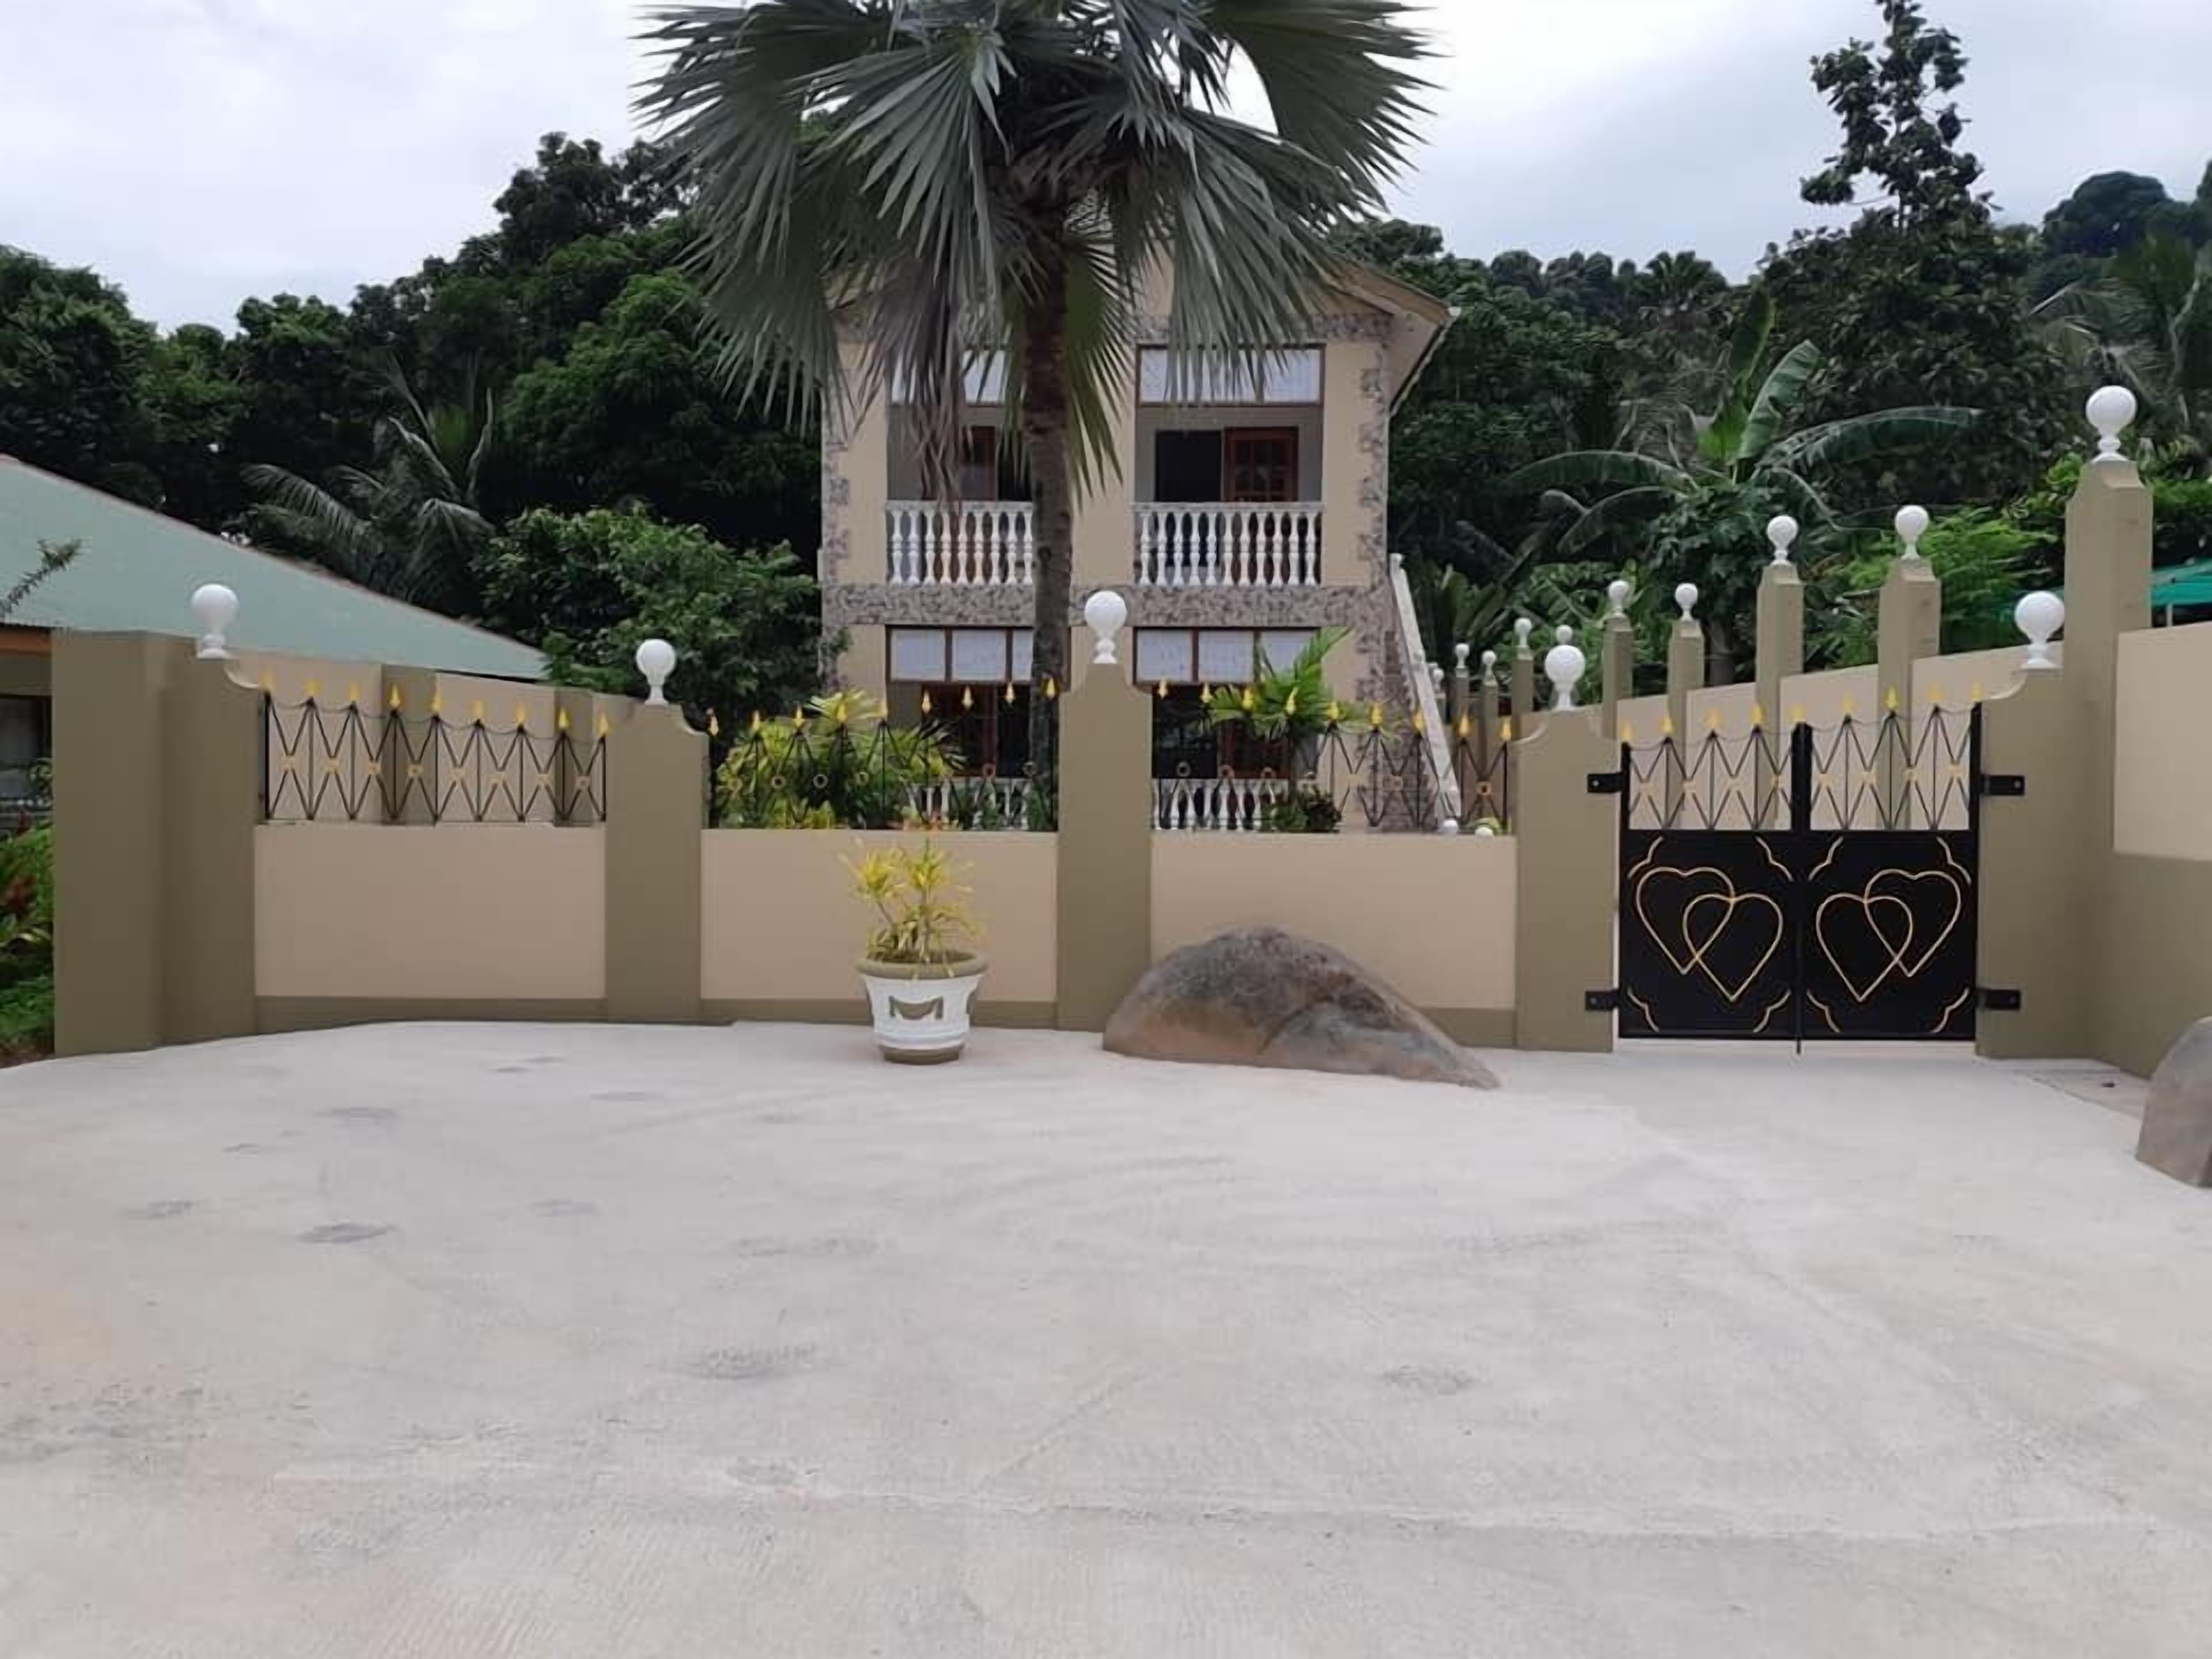 La Residence D'almee